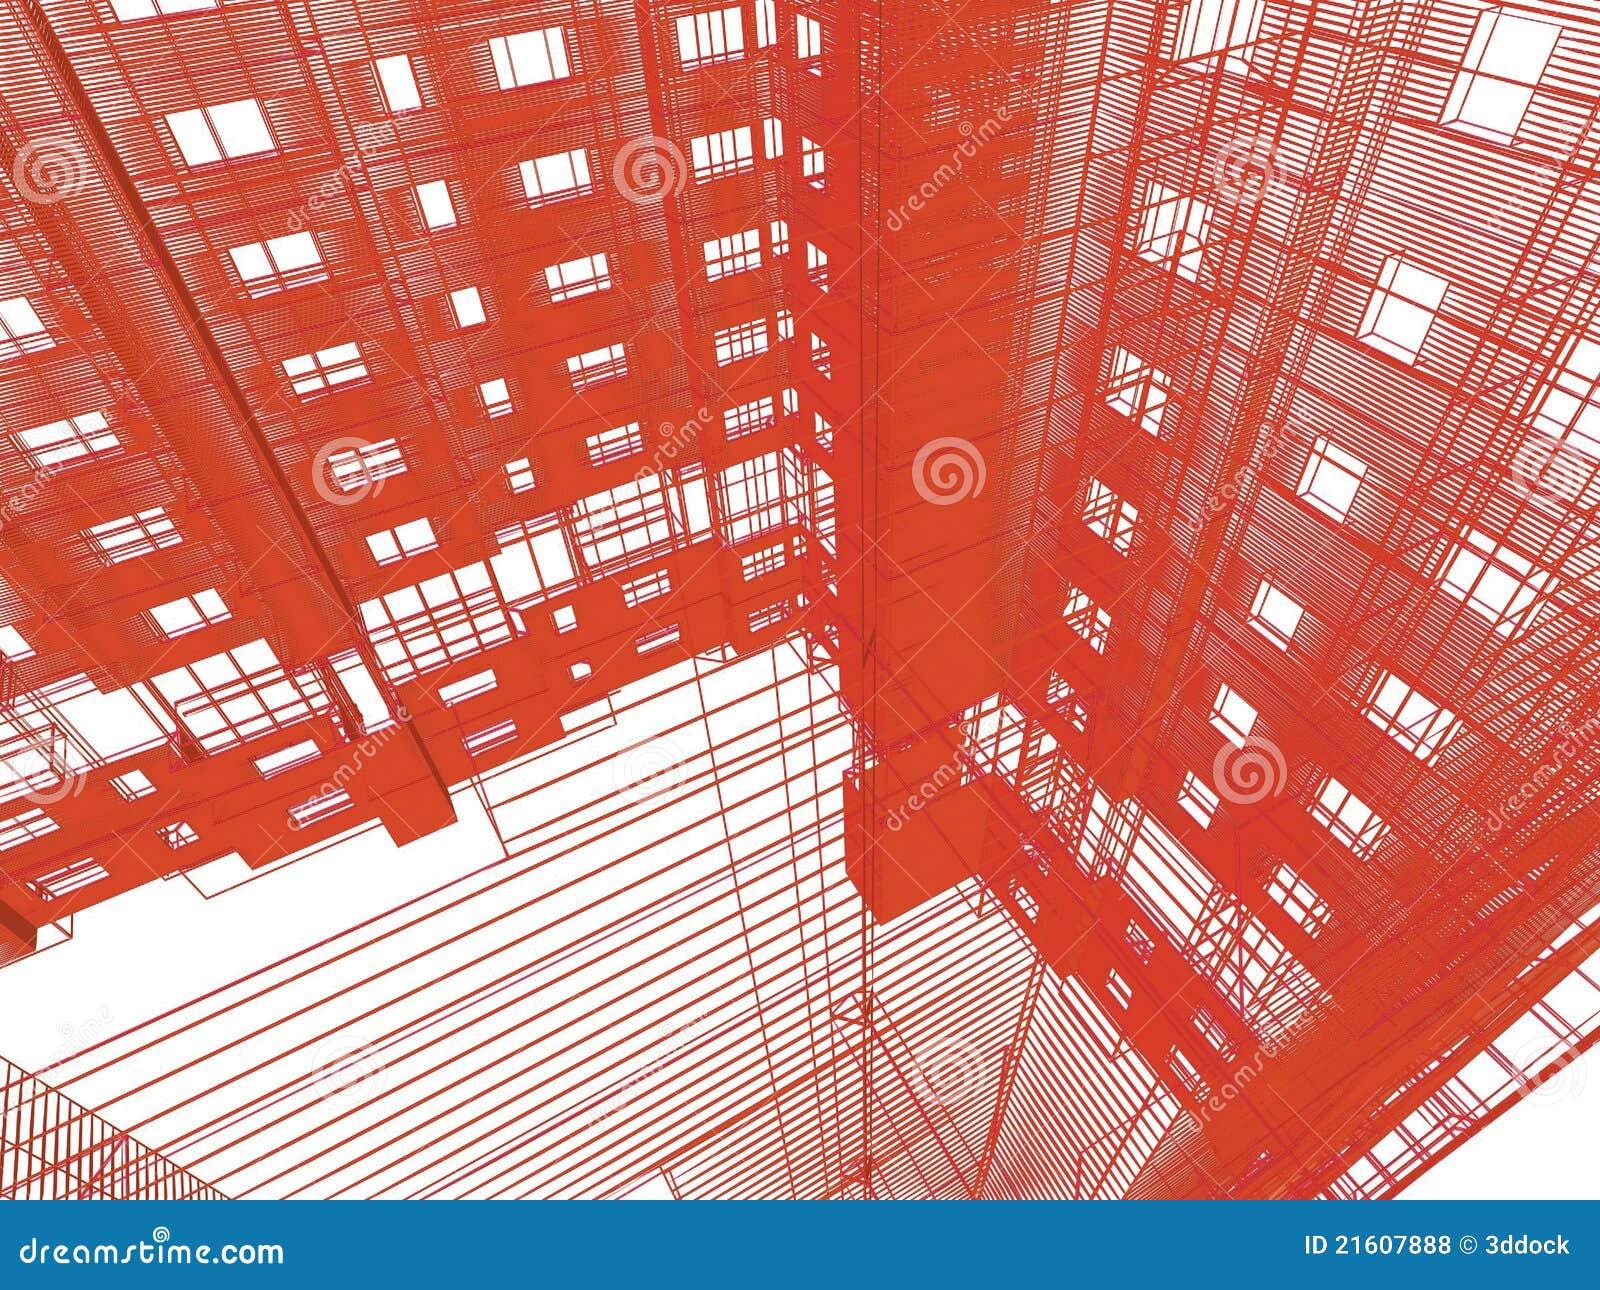 Abstrakte Moderne Architektur Stock Abbildung Illustration Von